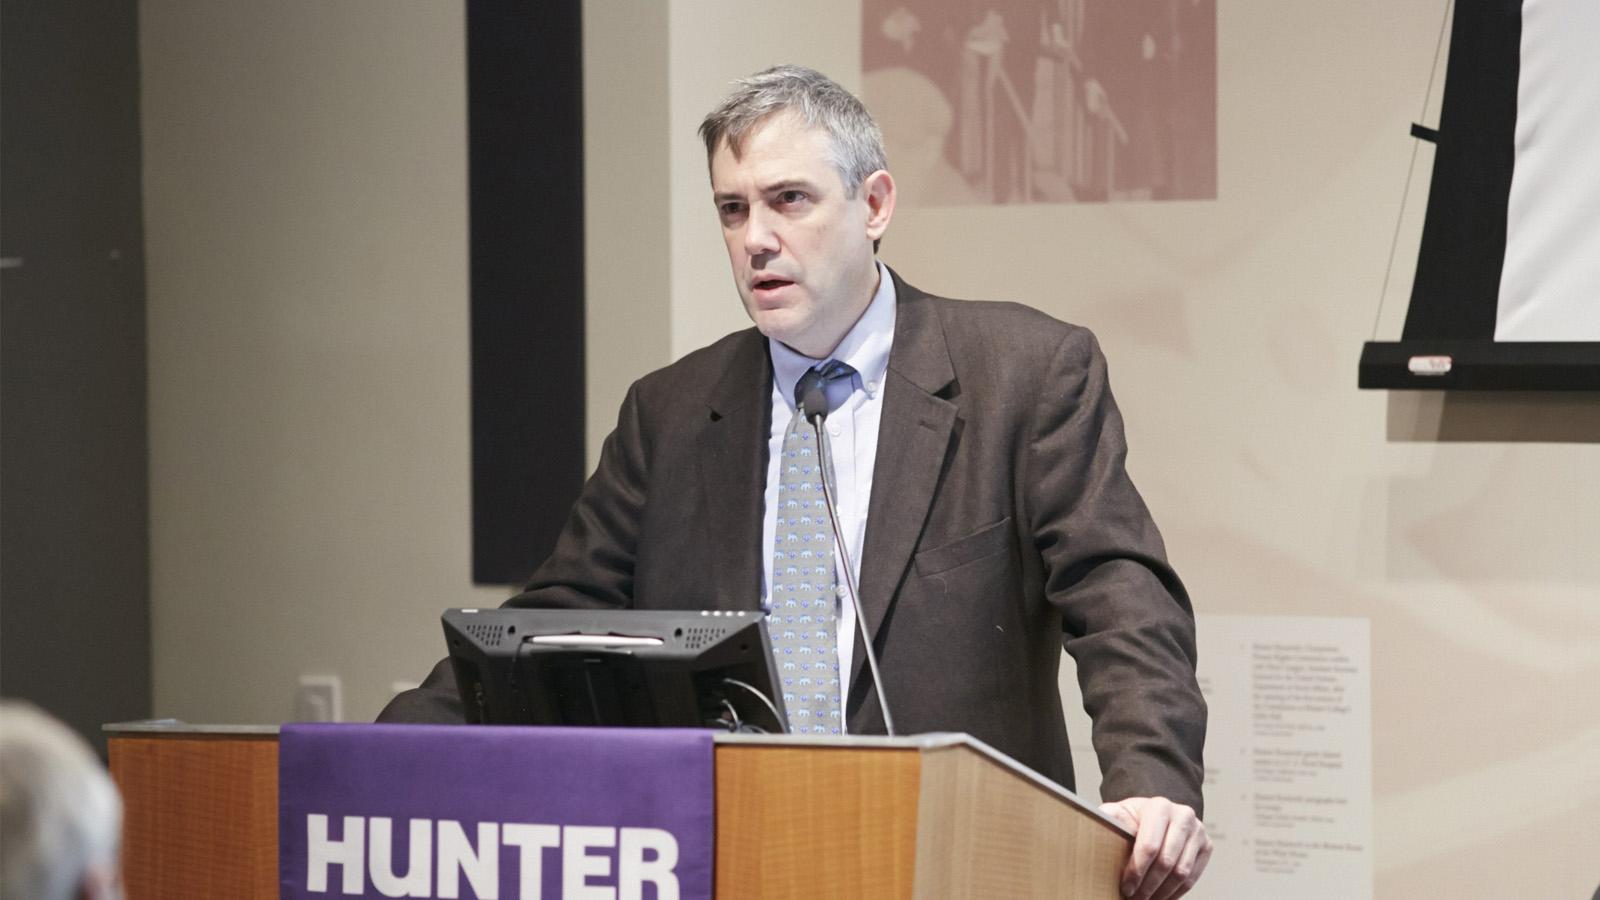 Professor William Solecki